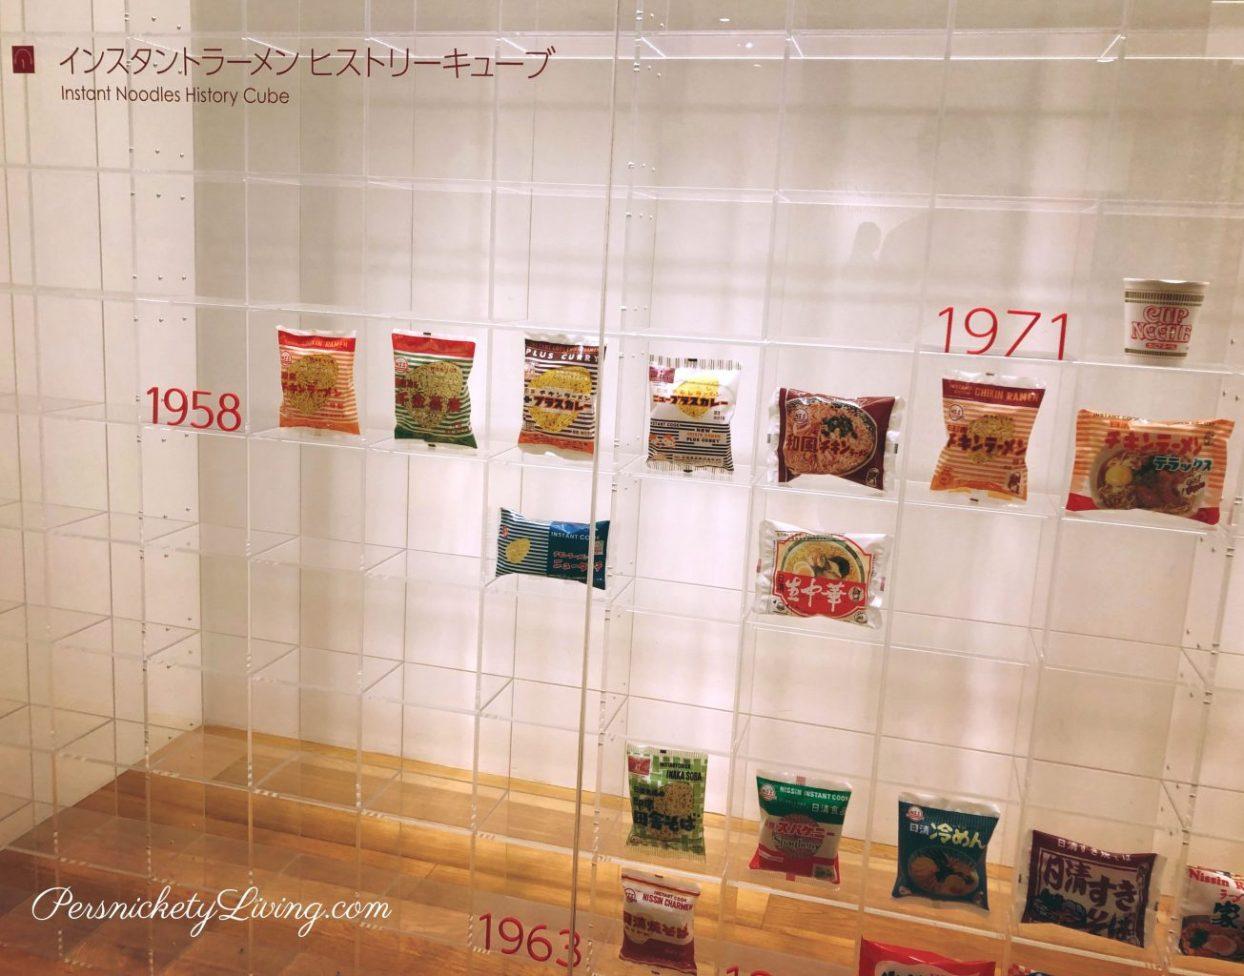 History Cube Cup Noodles Museum Yokohama